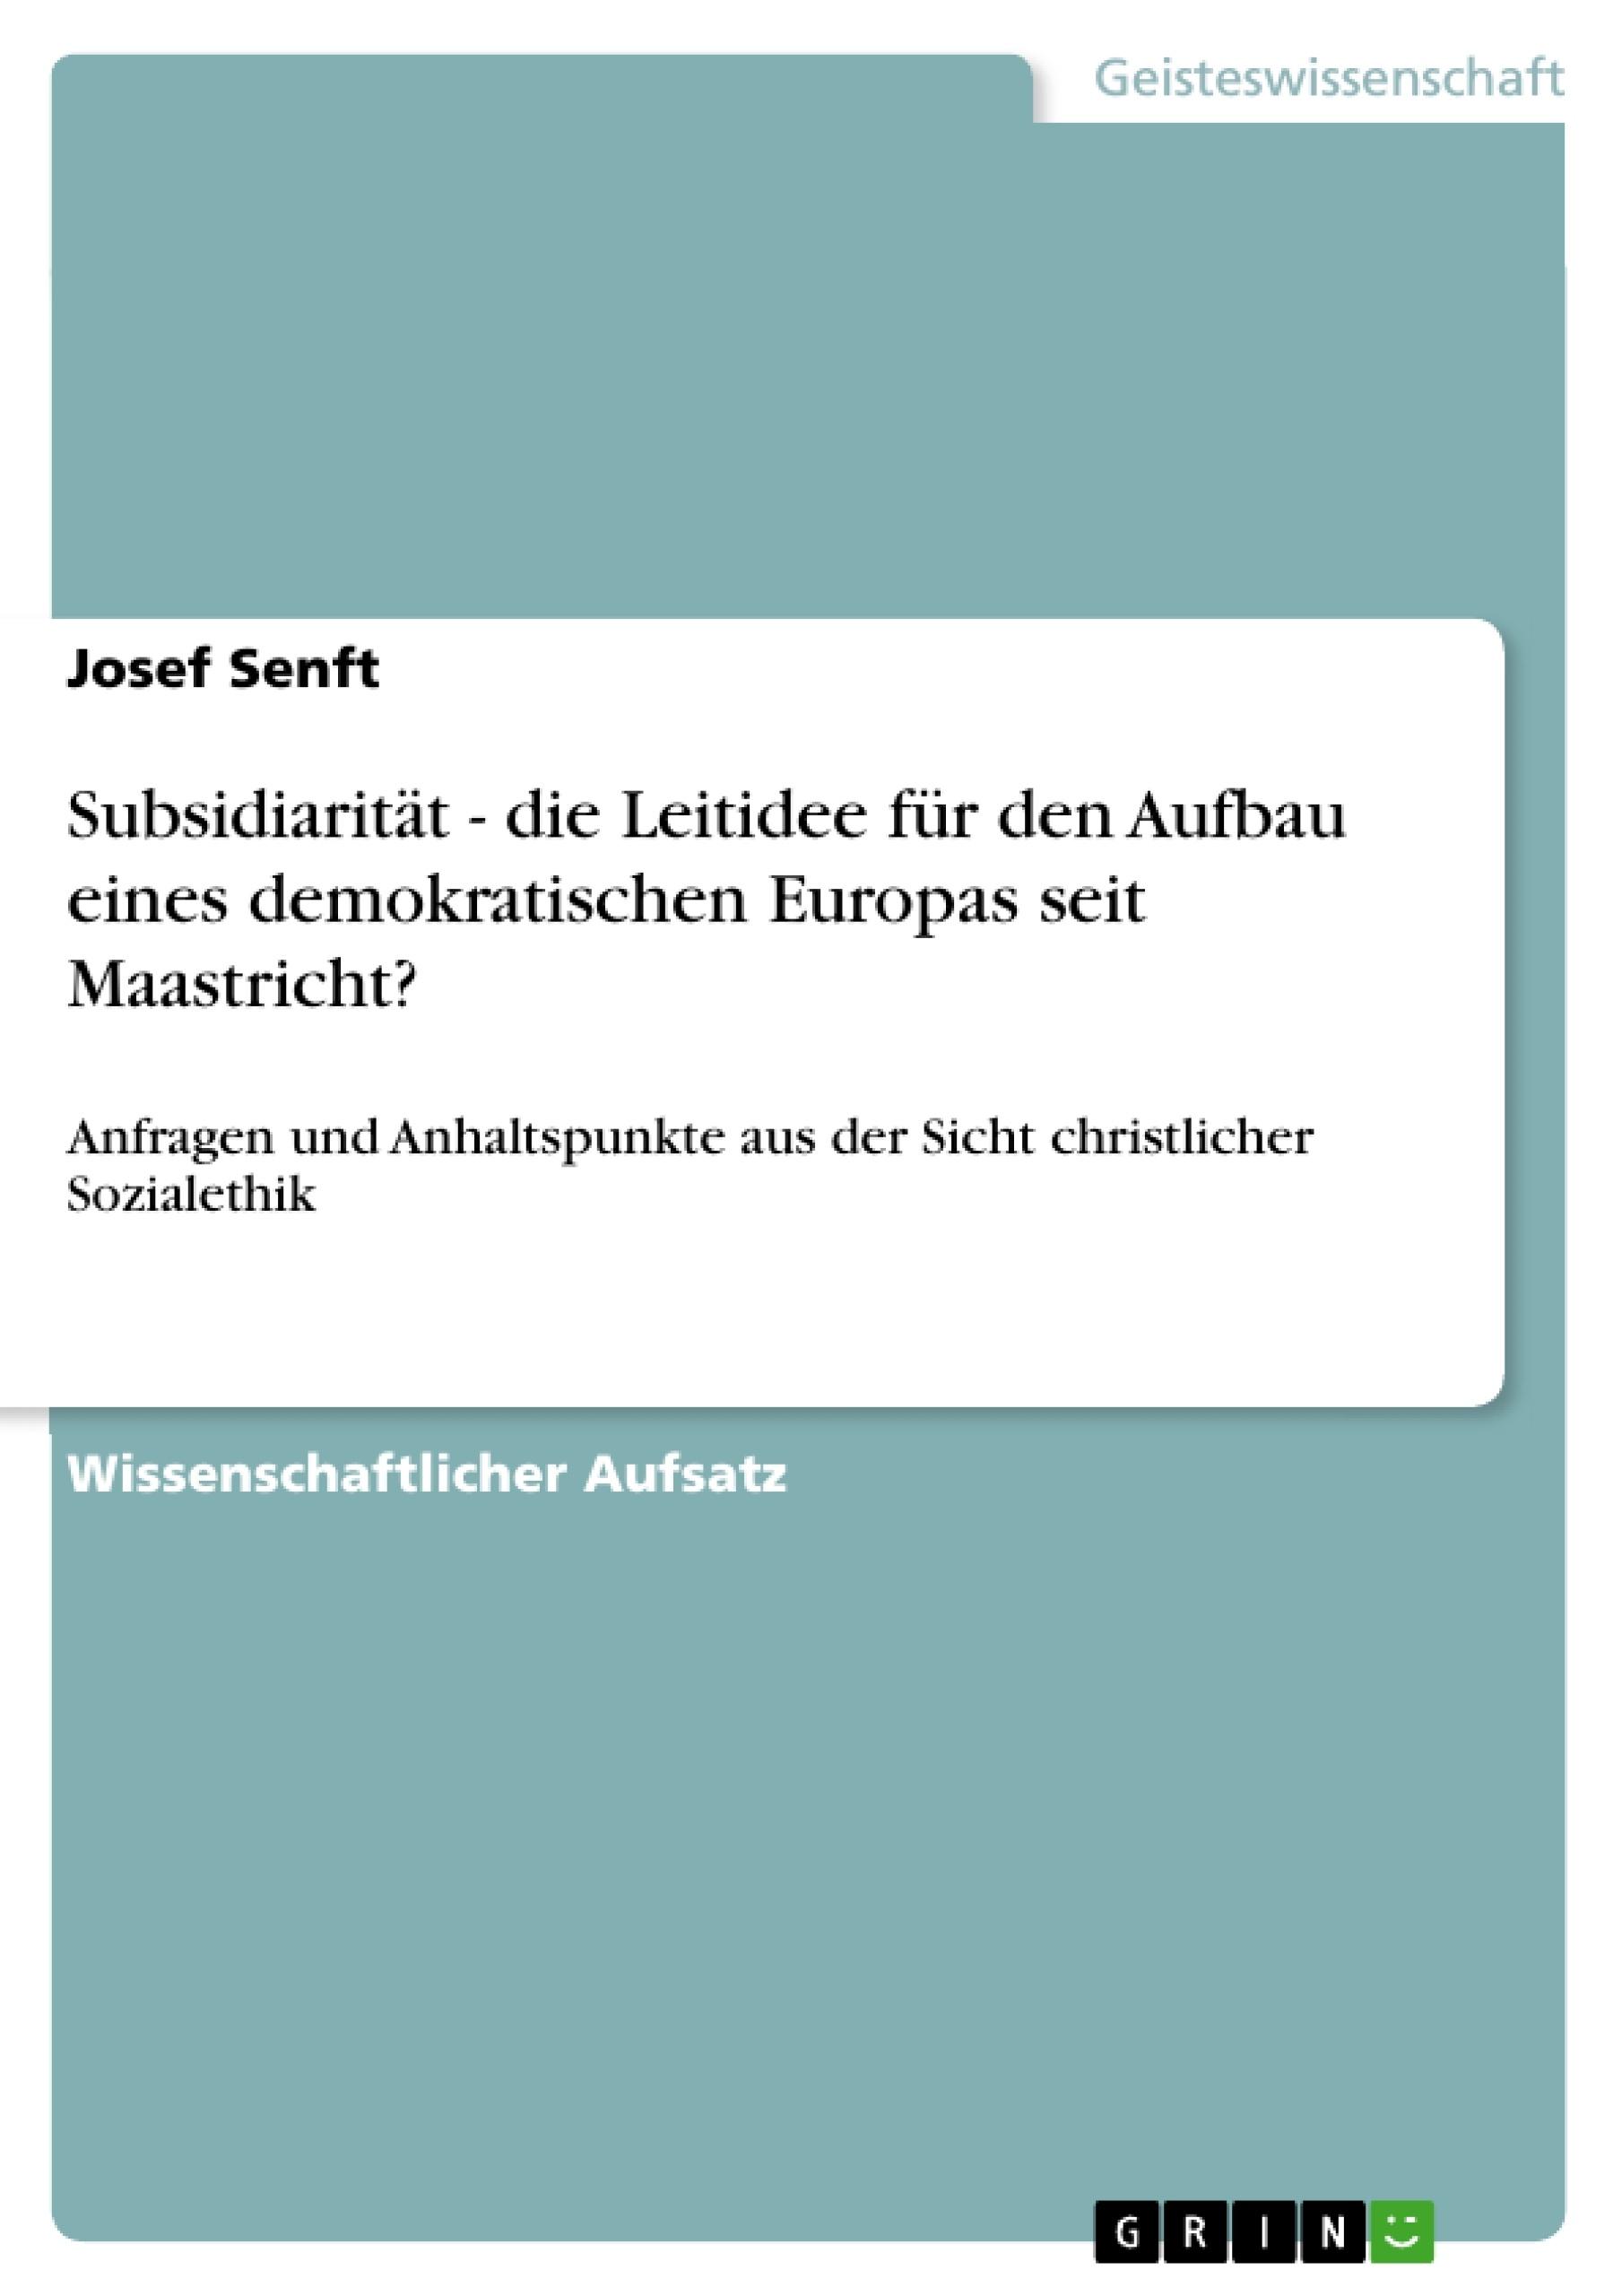 Titel: Subsidiarität - die Leitidee für den Aufbau eines demokratischen Europas seit  Maastricht?